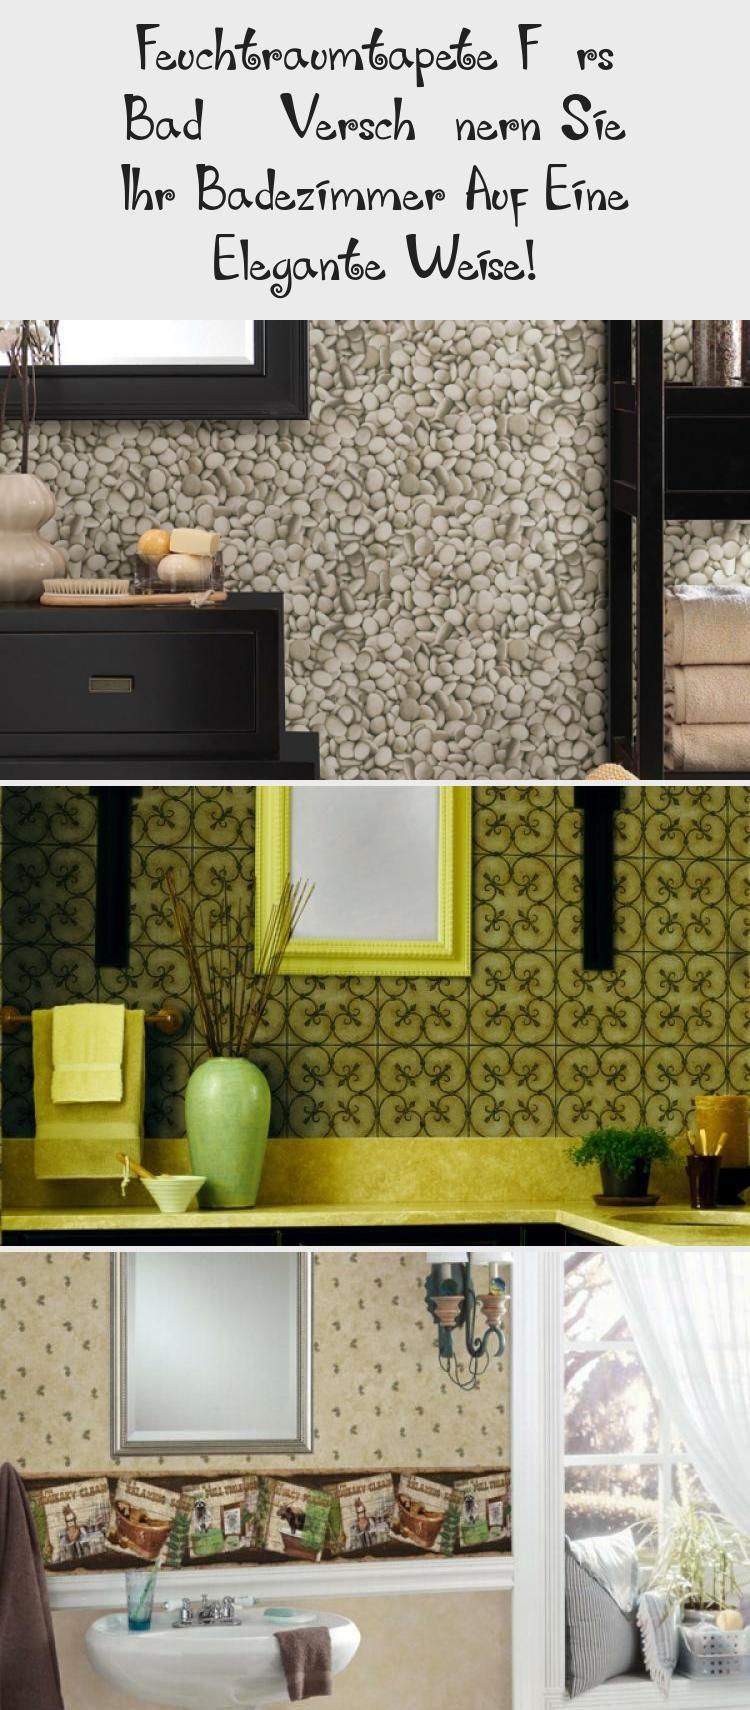 Feuchtraumtapete Furs Bad Verschonern Sie Ihr Badezimmer Auf Eine Elegante Weise Pinokyo In 2020 Decor Home Decor Furniture